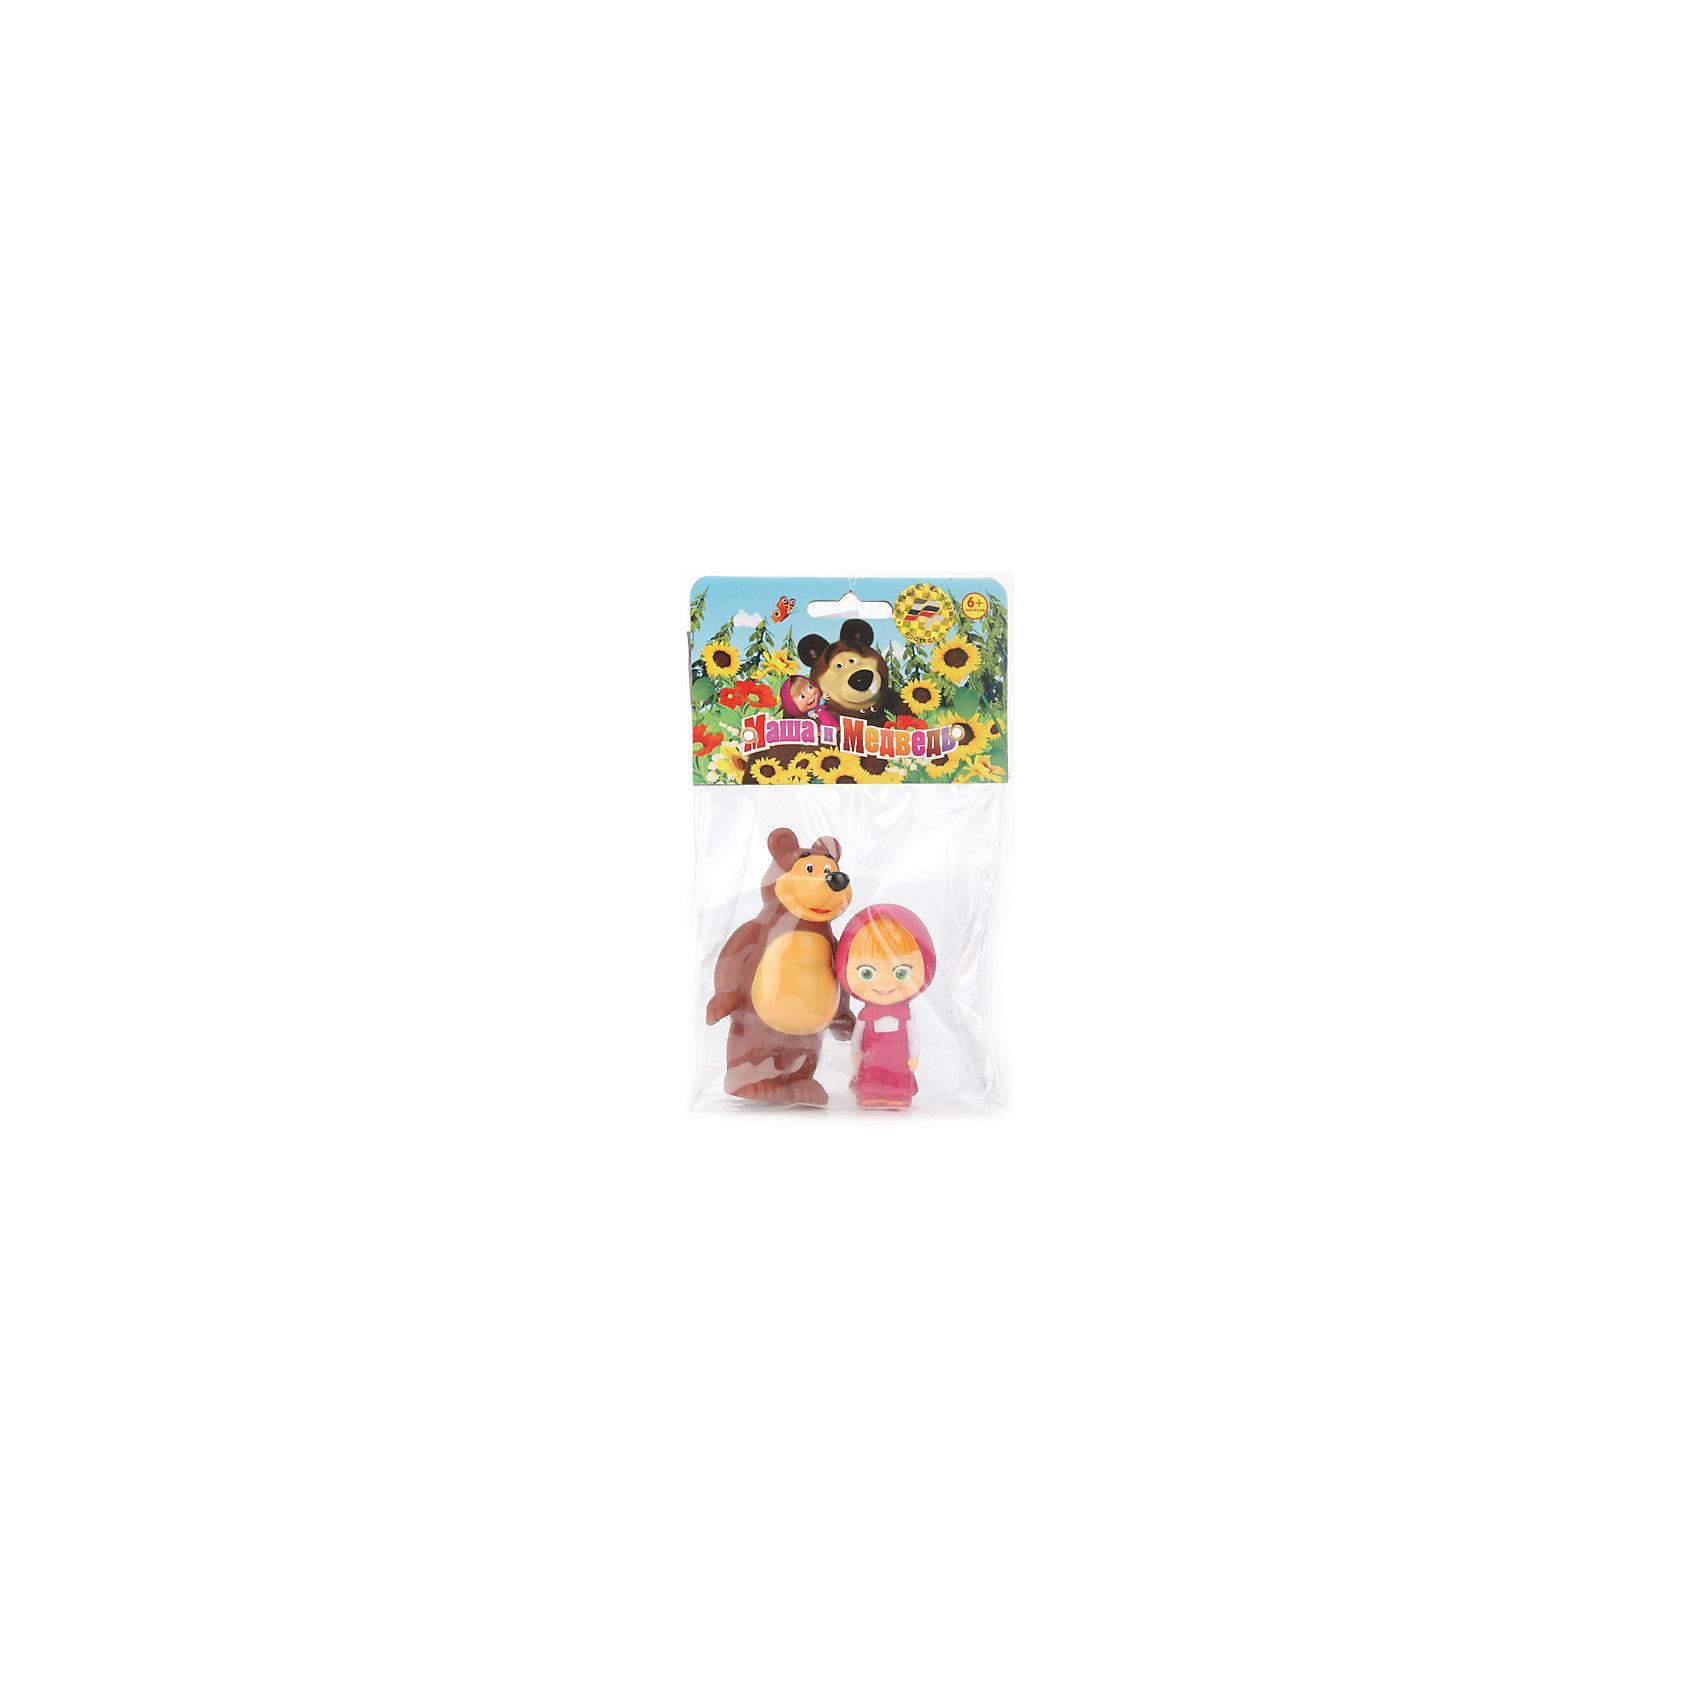 Набор для купания, Маша и Медведь, Играем вместеИгрушки<br>Набор для купания, Маша и Медведь, Играем вместе<br><br>Характеристики:<br><br>• Материал: ПВХ.<br>• Размер: ширина: 7 см; высота: 11.5 см<br><br>Отличные игрушки из мягкого ПВХ надолго займет внимания вашего малыша. Эти игрушки помогут малышу при прорезывании зубов, поможет развивать моторику рук, знакомить с формой, цветом, образами также с ней можно забавно поиграть в ванной. Яркий образ любимых героев поможет ребенку придумывать различные сюжетно-ролевые игры.<br><br>Набор для купания, Маша и Медведь, Играем вместе, можно купить в нашем интернет – магазине.<br><br>Ширина мм: 210<br>Глубина мм: 130<br>Высота мм: 40<br>Вес г: 100<br>Возраст от месяцев: 36<br>Возраст до месяцев: 72<br>Пол: Унисекс<br>Возраст: Детский<br>SKU: 4769605